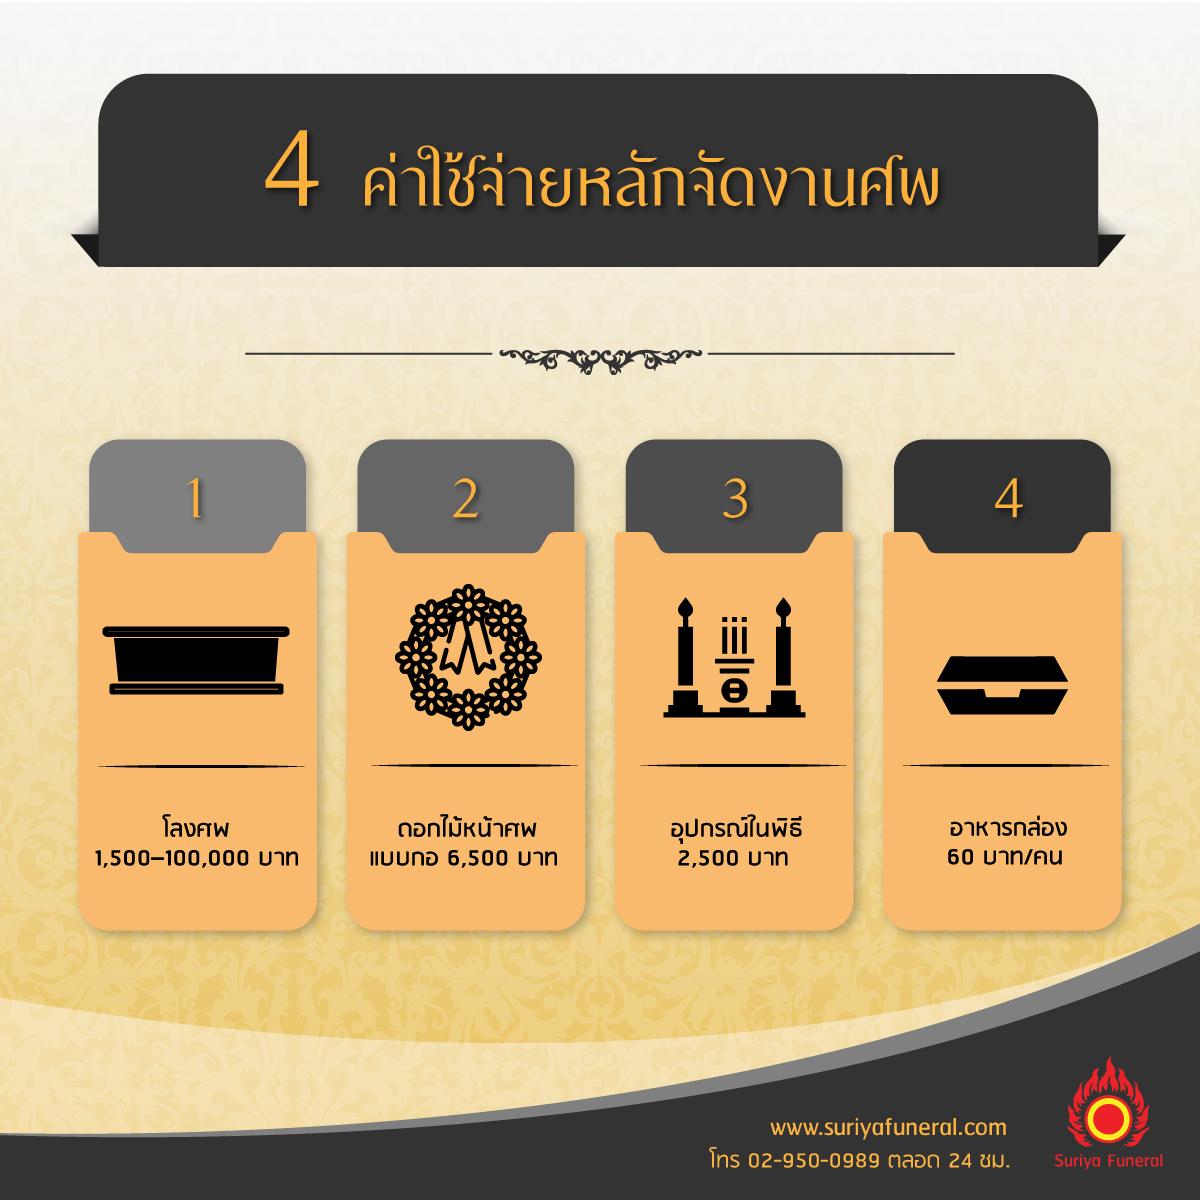 4 ปัจจัยค่าใช้จ่ายหลักจัดงานศพ สุริยาหีบศพจัดงานศพอันดับ 1 ในไทย